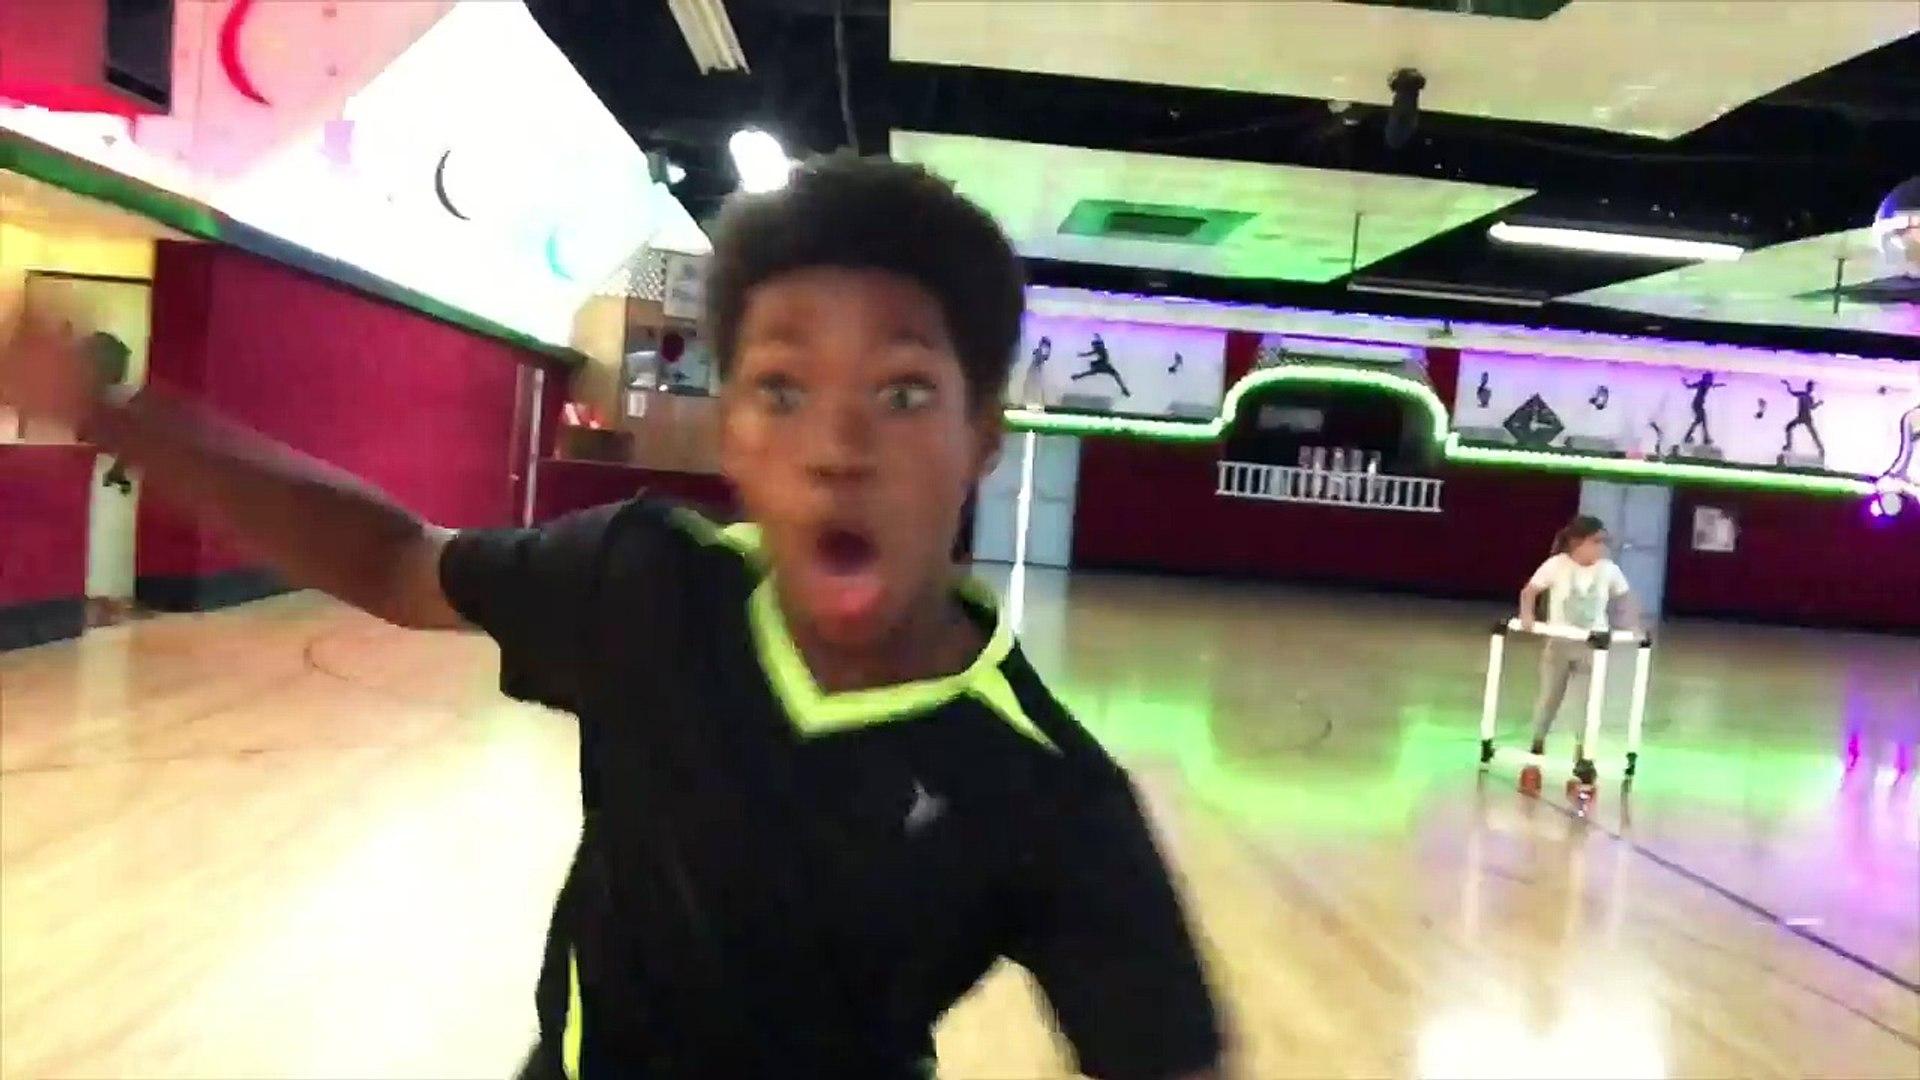 FUN WITH FRIENDS ~ Dance Music and Roller Skate ~ Fun Fun Fun!